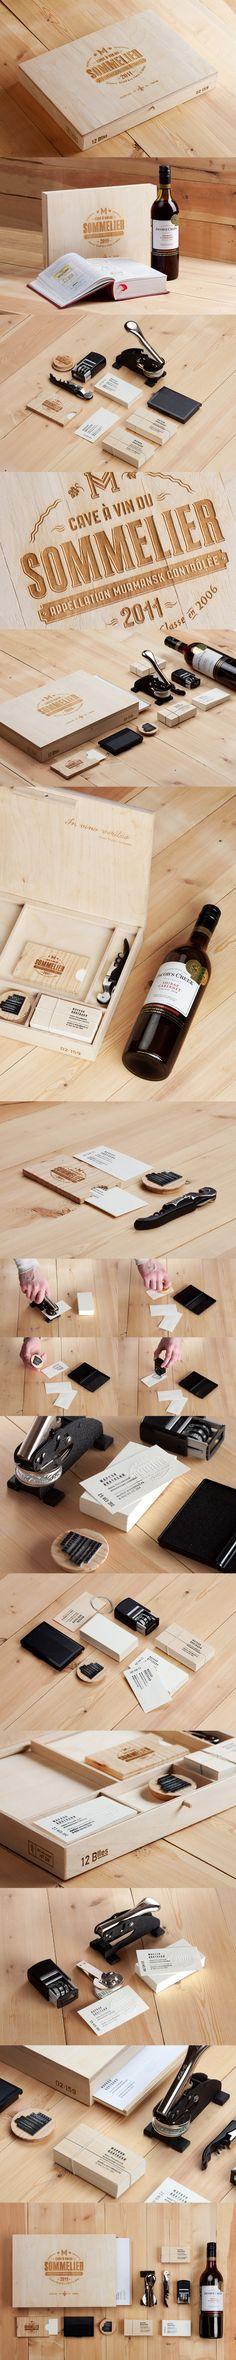 #Identidad #corporativa #packaging para vinos, clásica, con madera y muy acertada Сомелье Марков Анатолий, Identity © Павел Емельянов